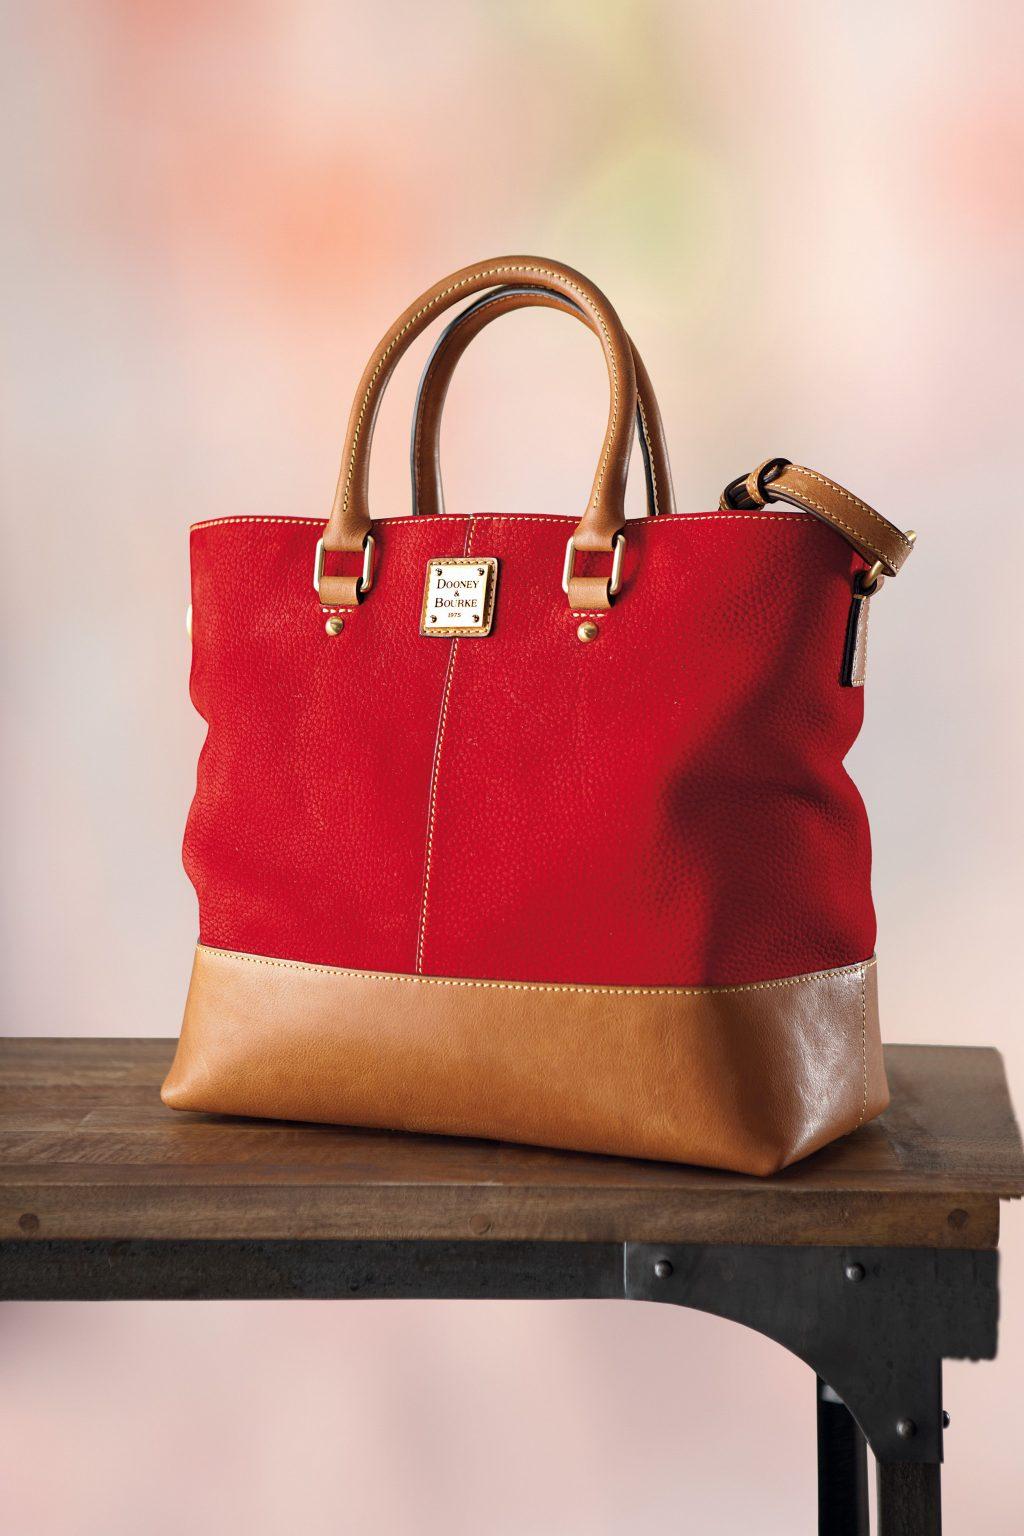 Dooney Bourke Handbags 2